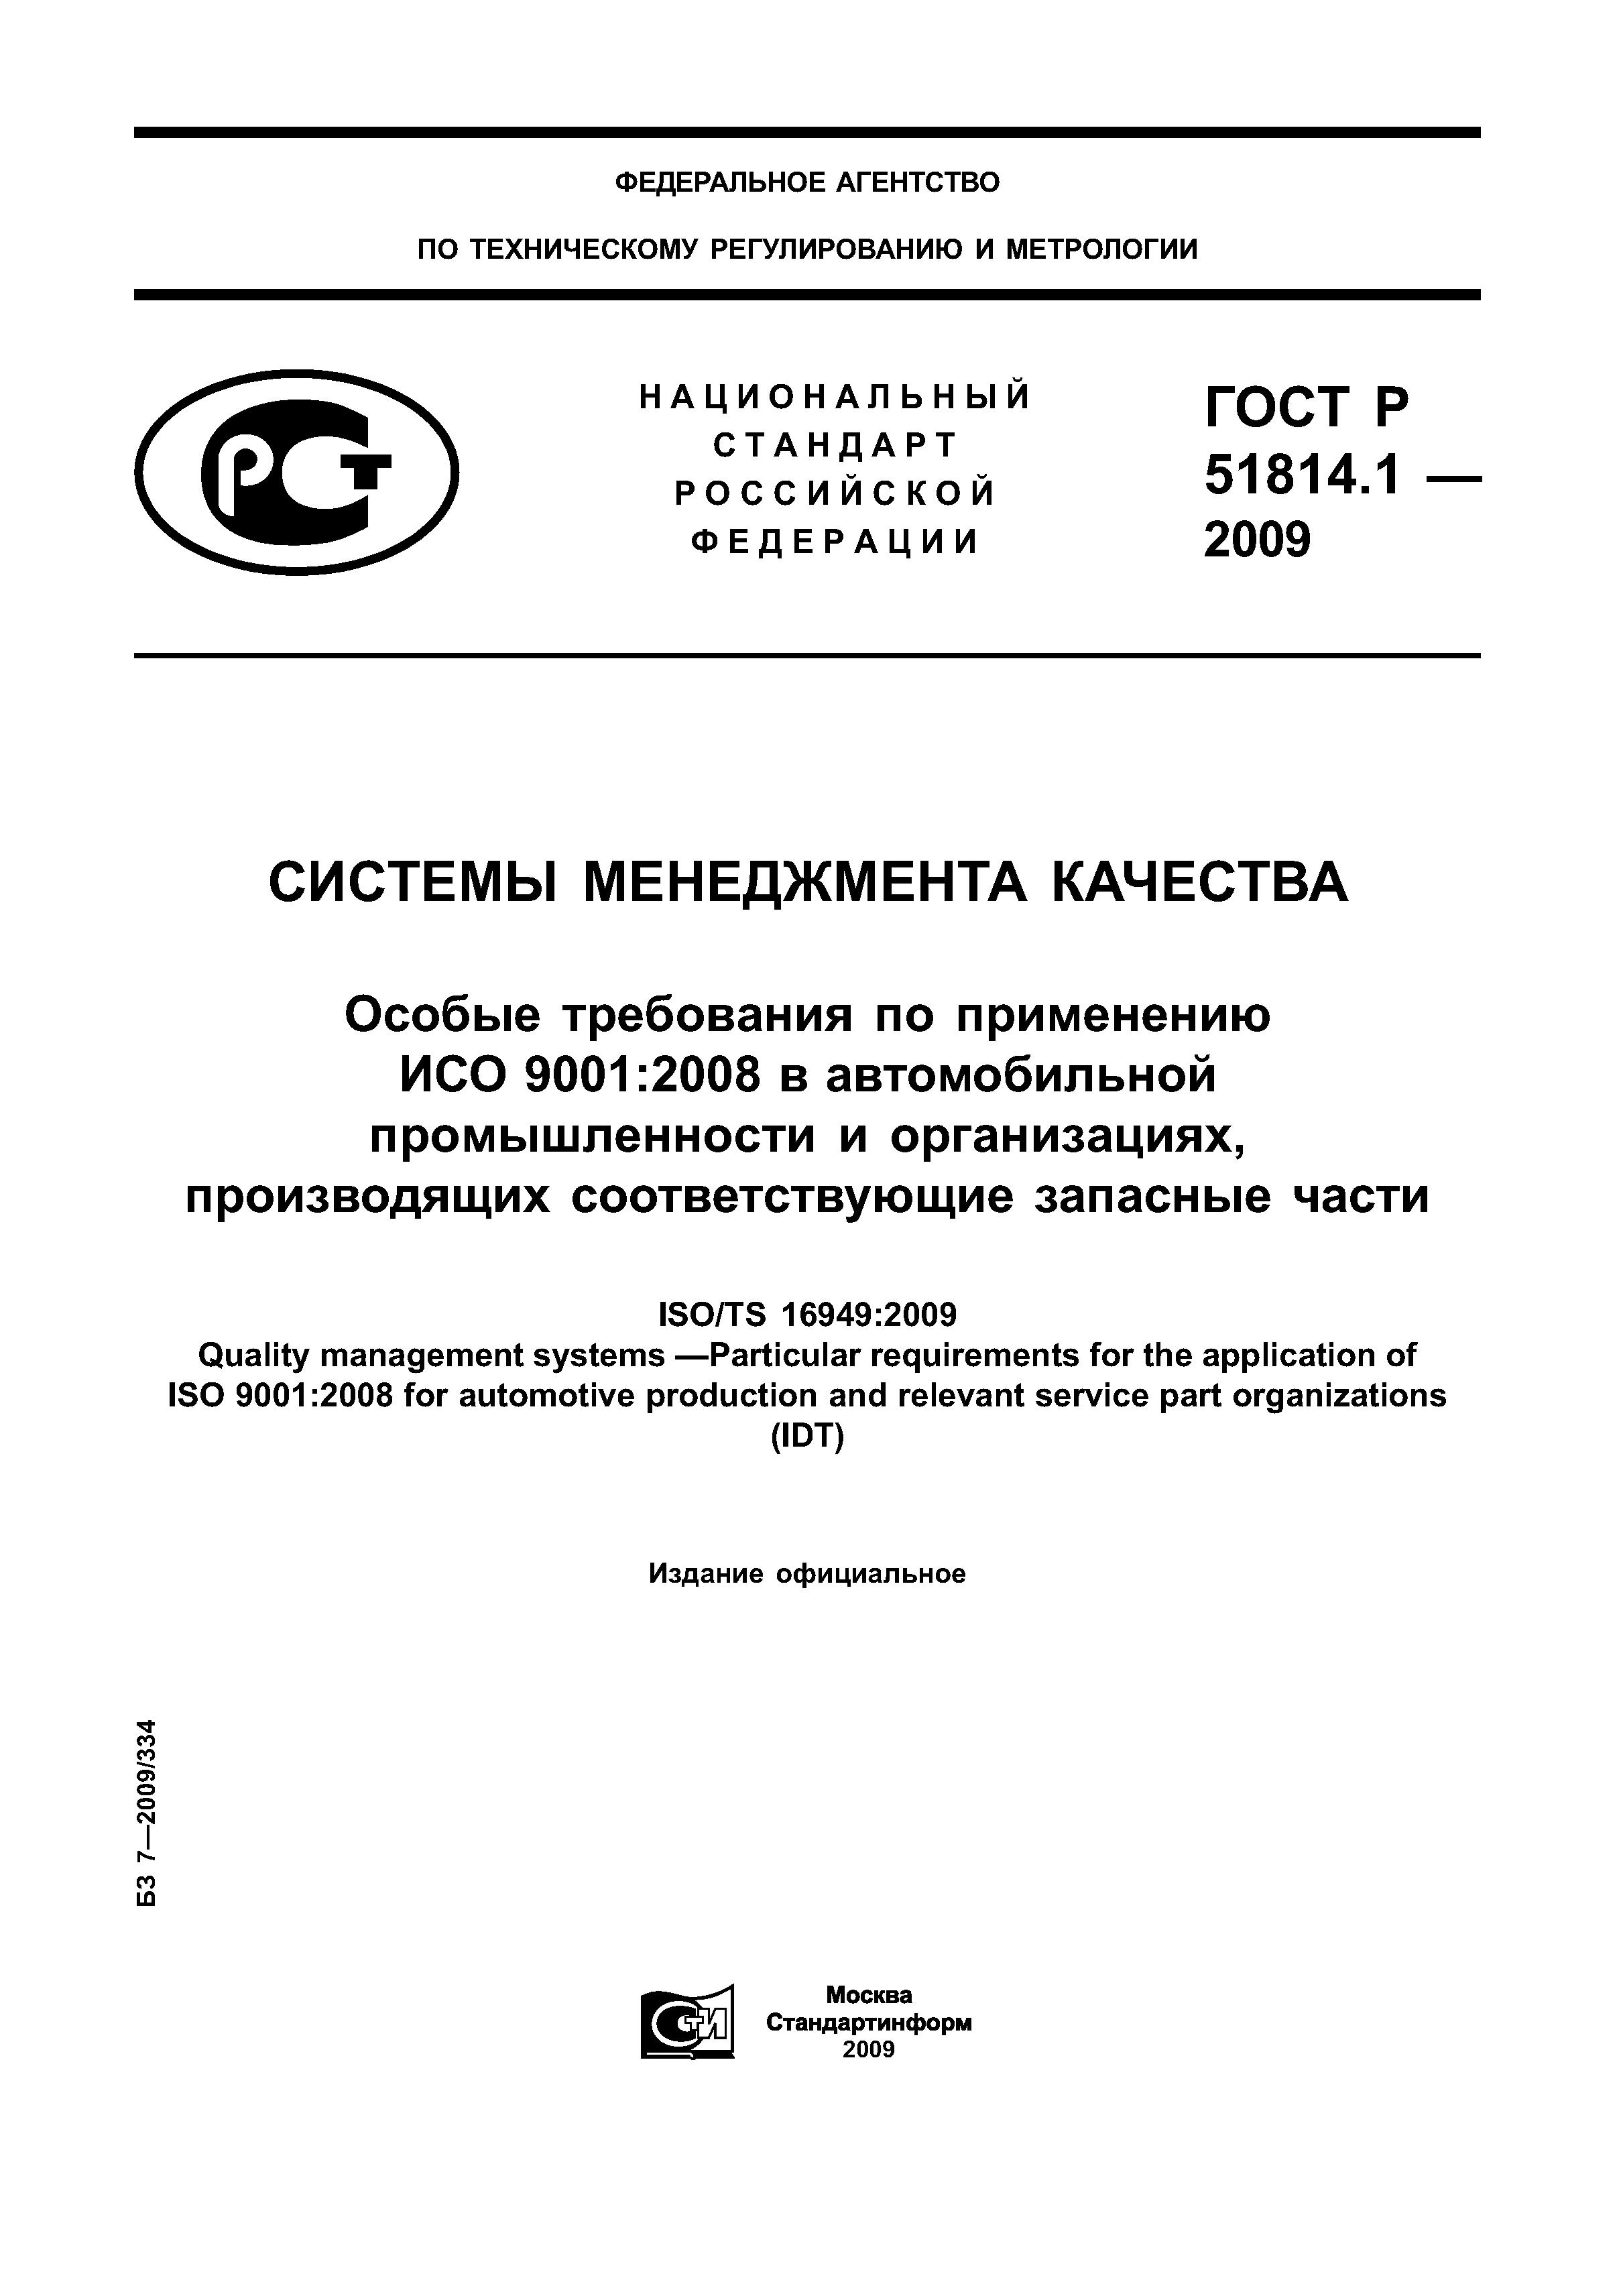 Стандарт исо/ту 16949 сертификация транспорта в россии